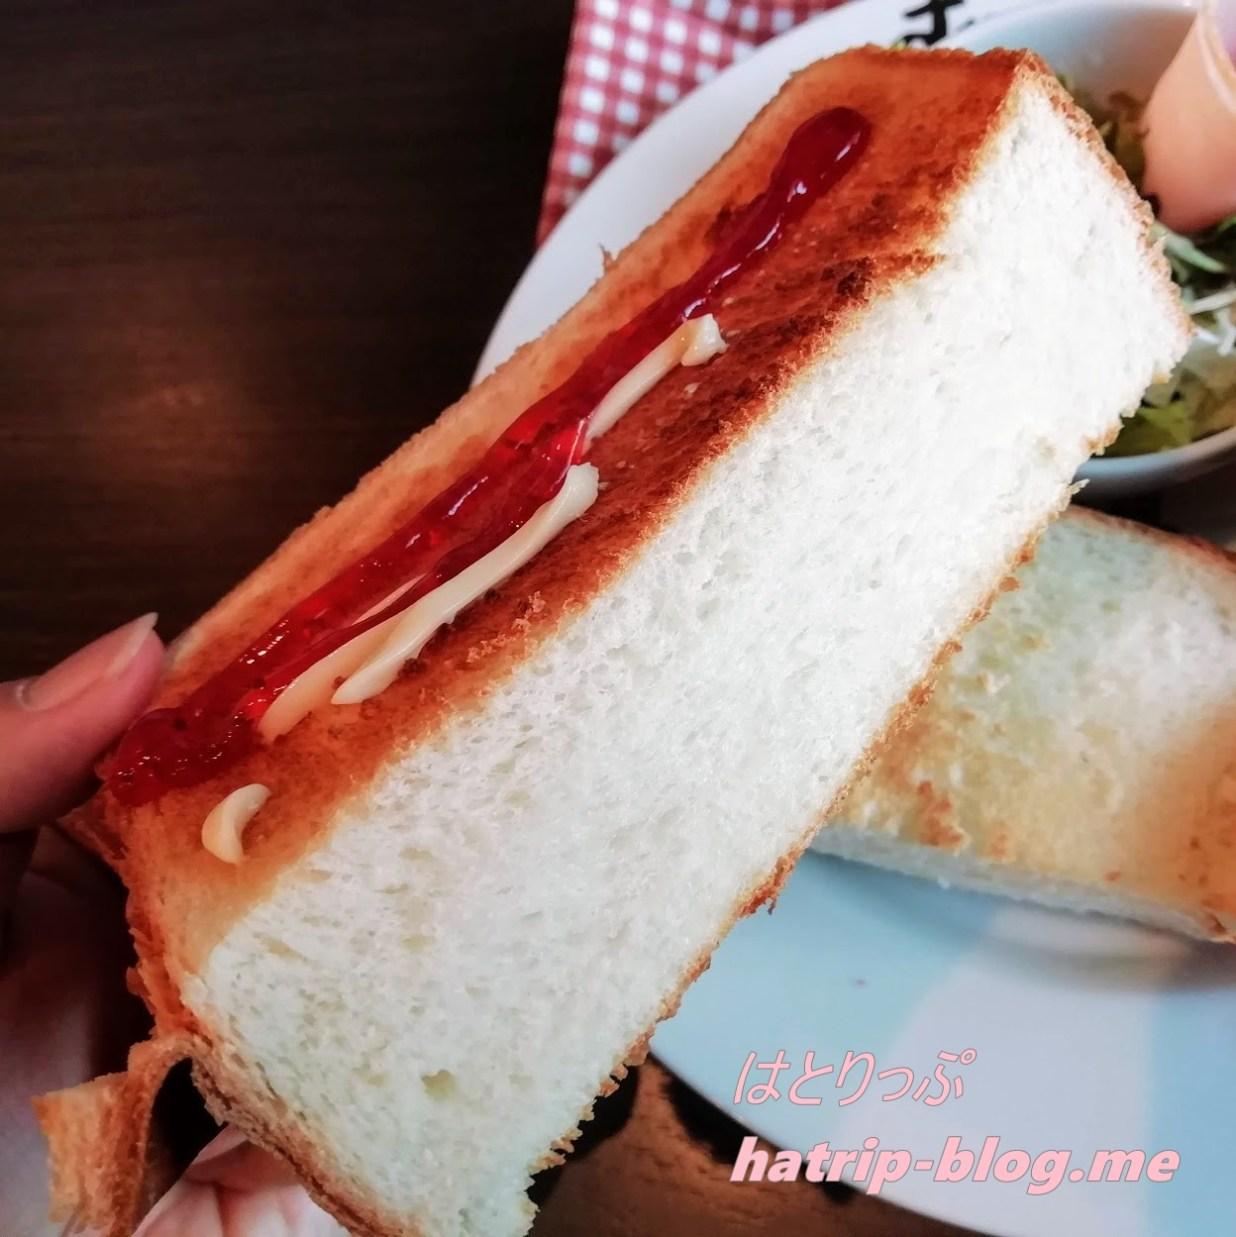 鳥取県鳥取市 すなば珈琲 賀露店 モーニングセット トースト